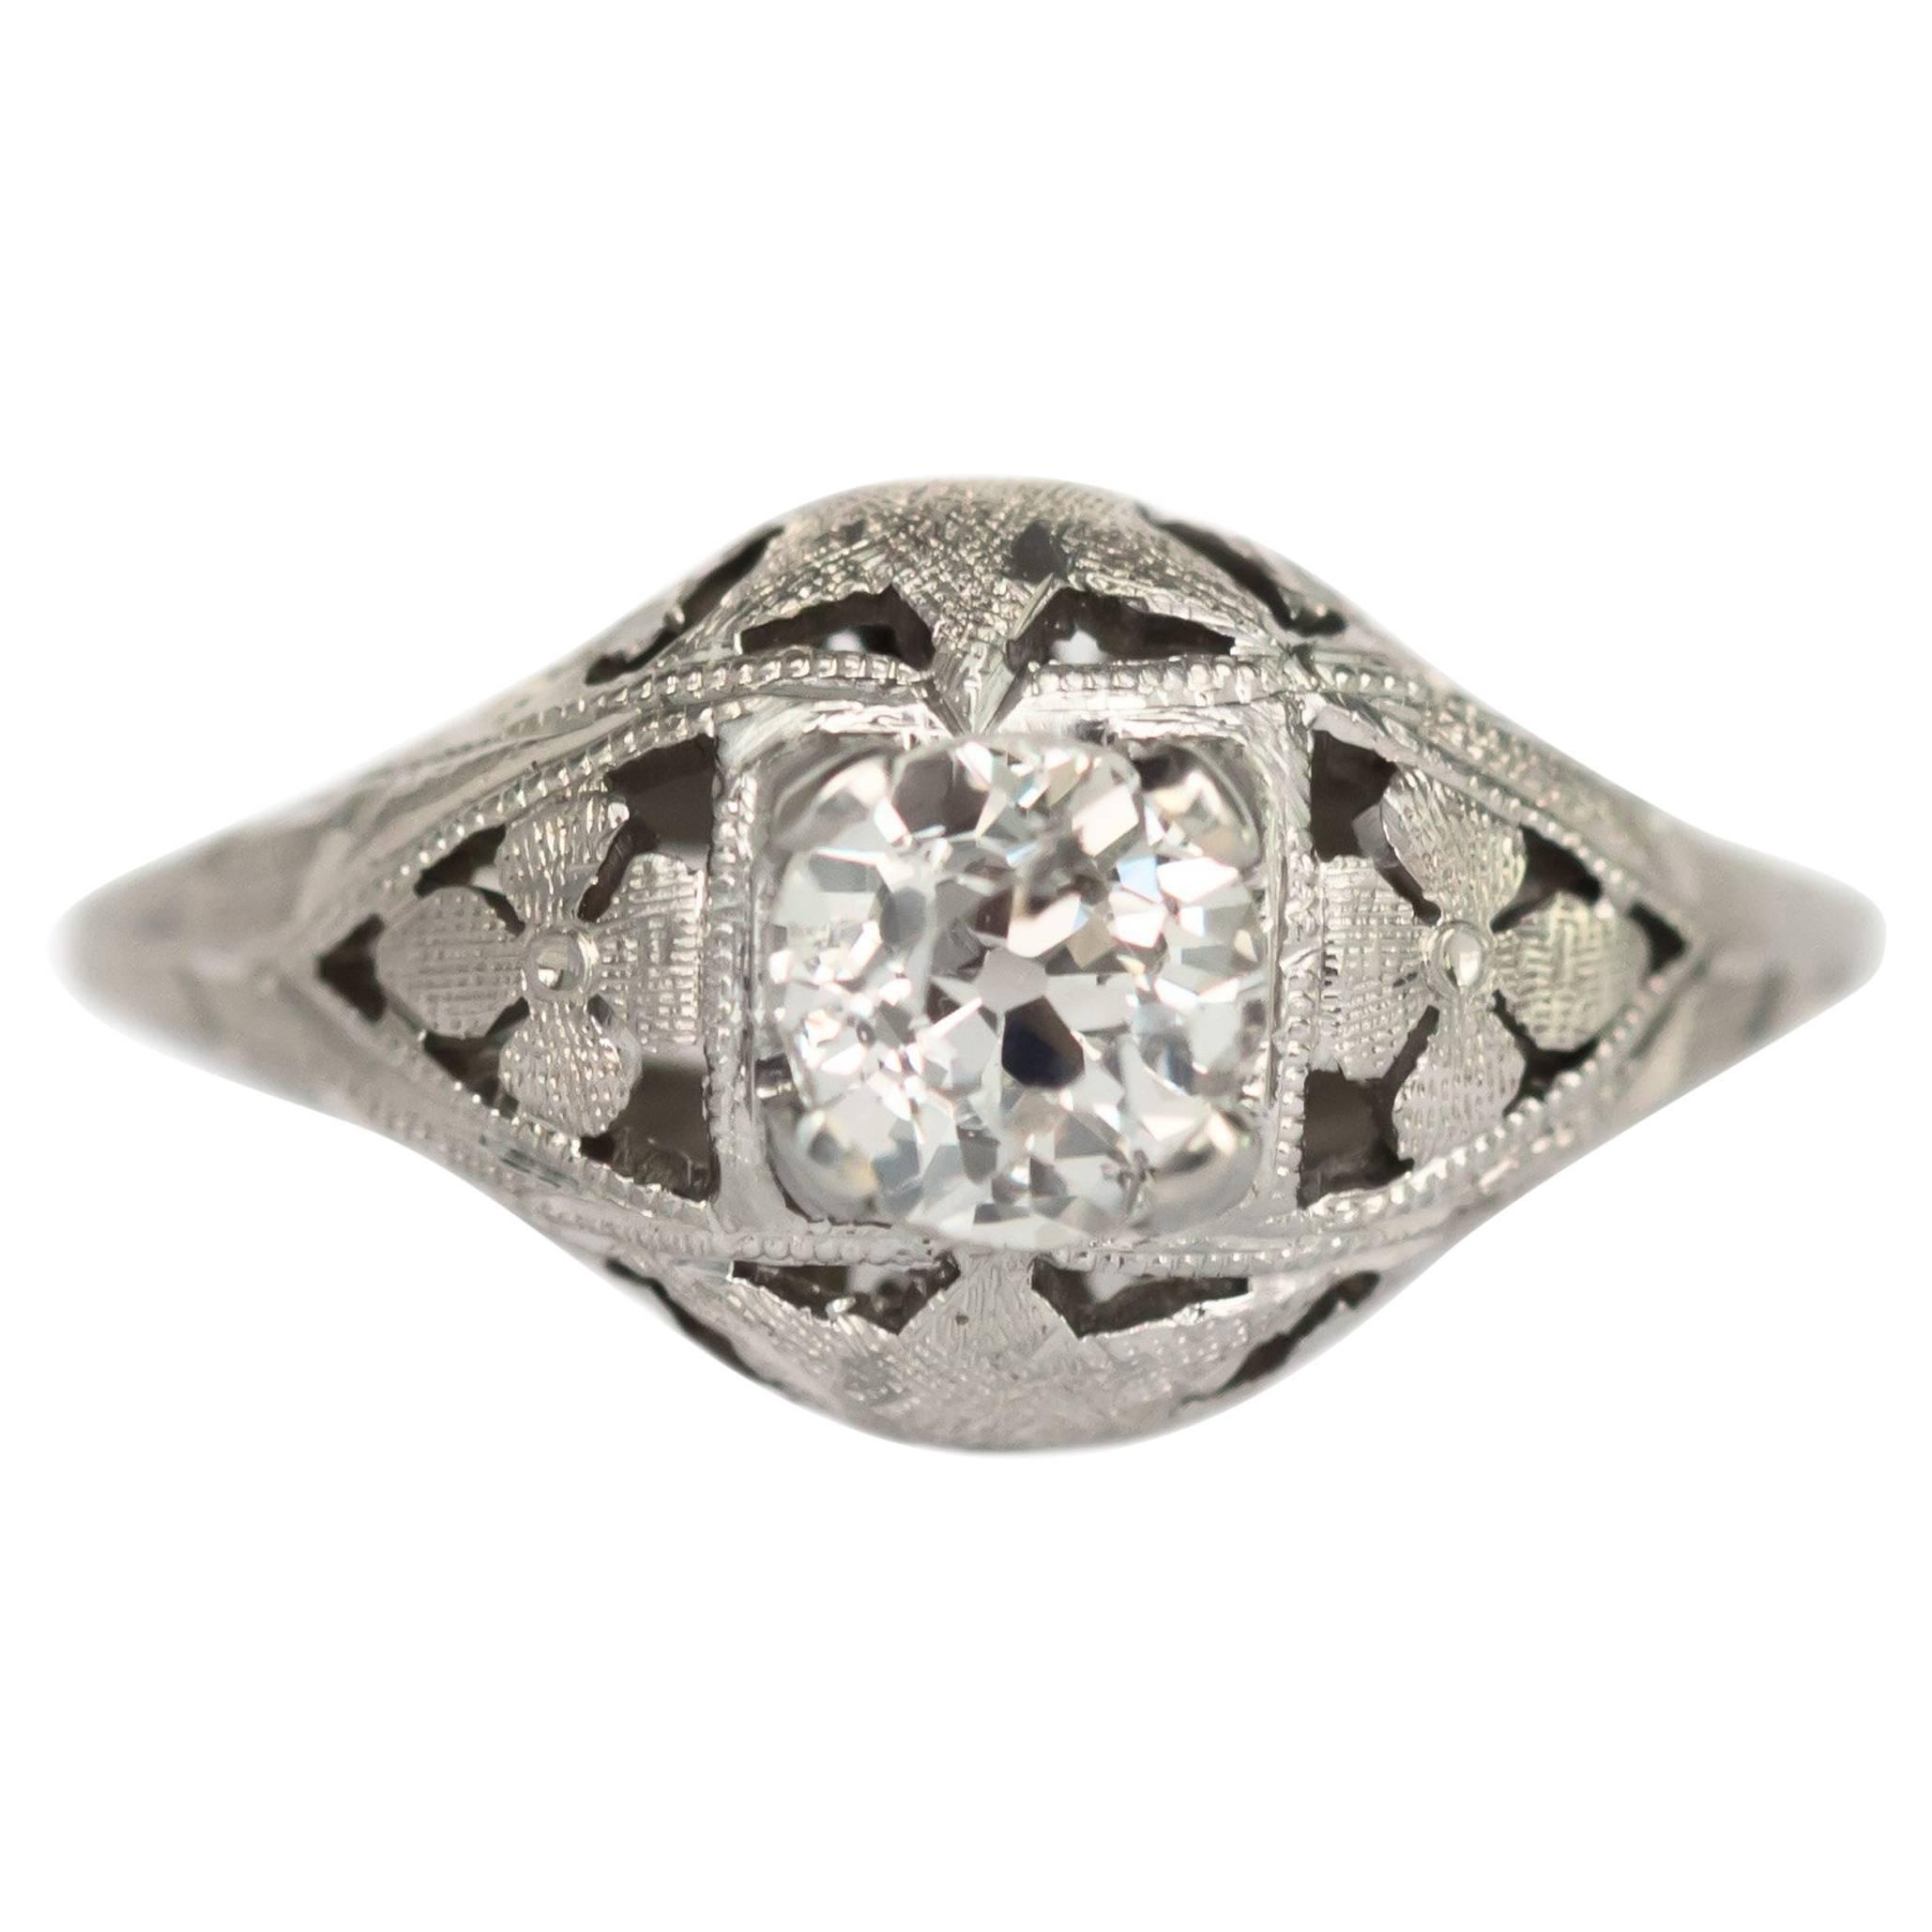 .65 Carat Diamond White Gold Engagement Ring